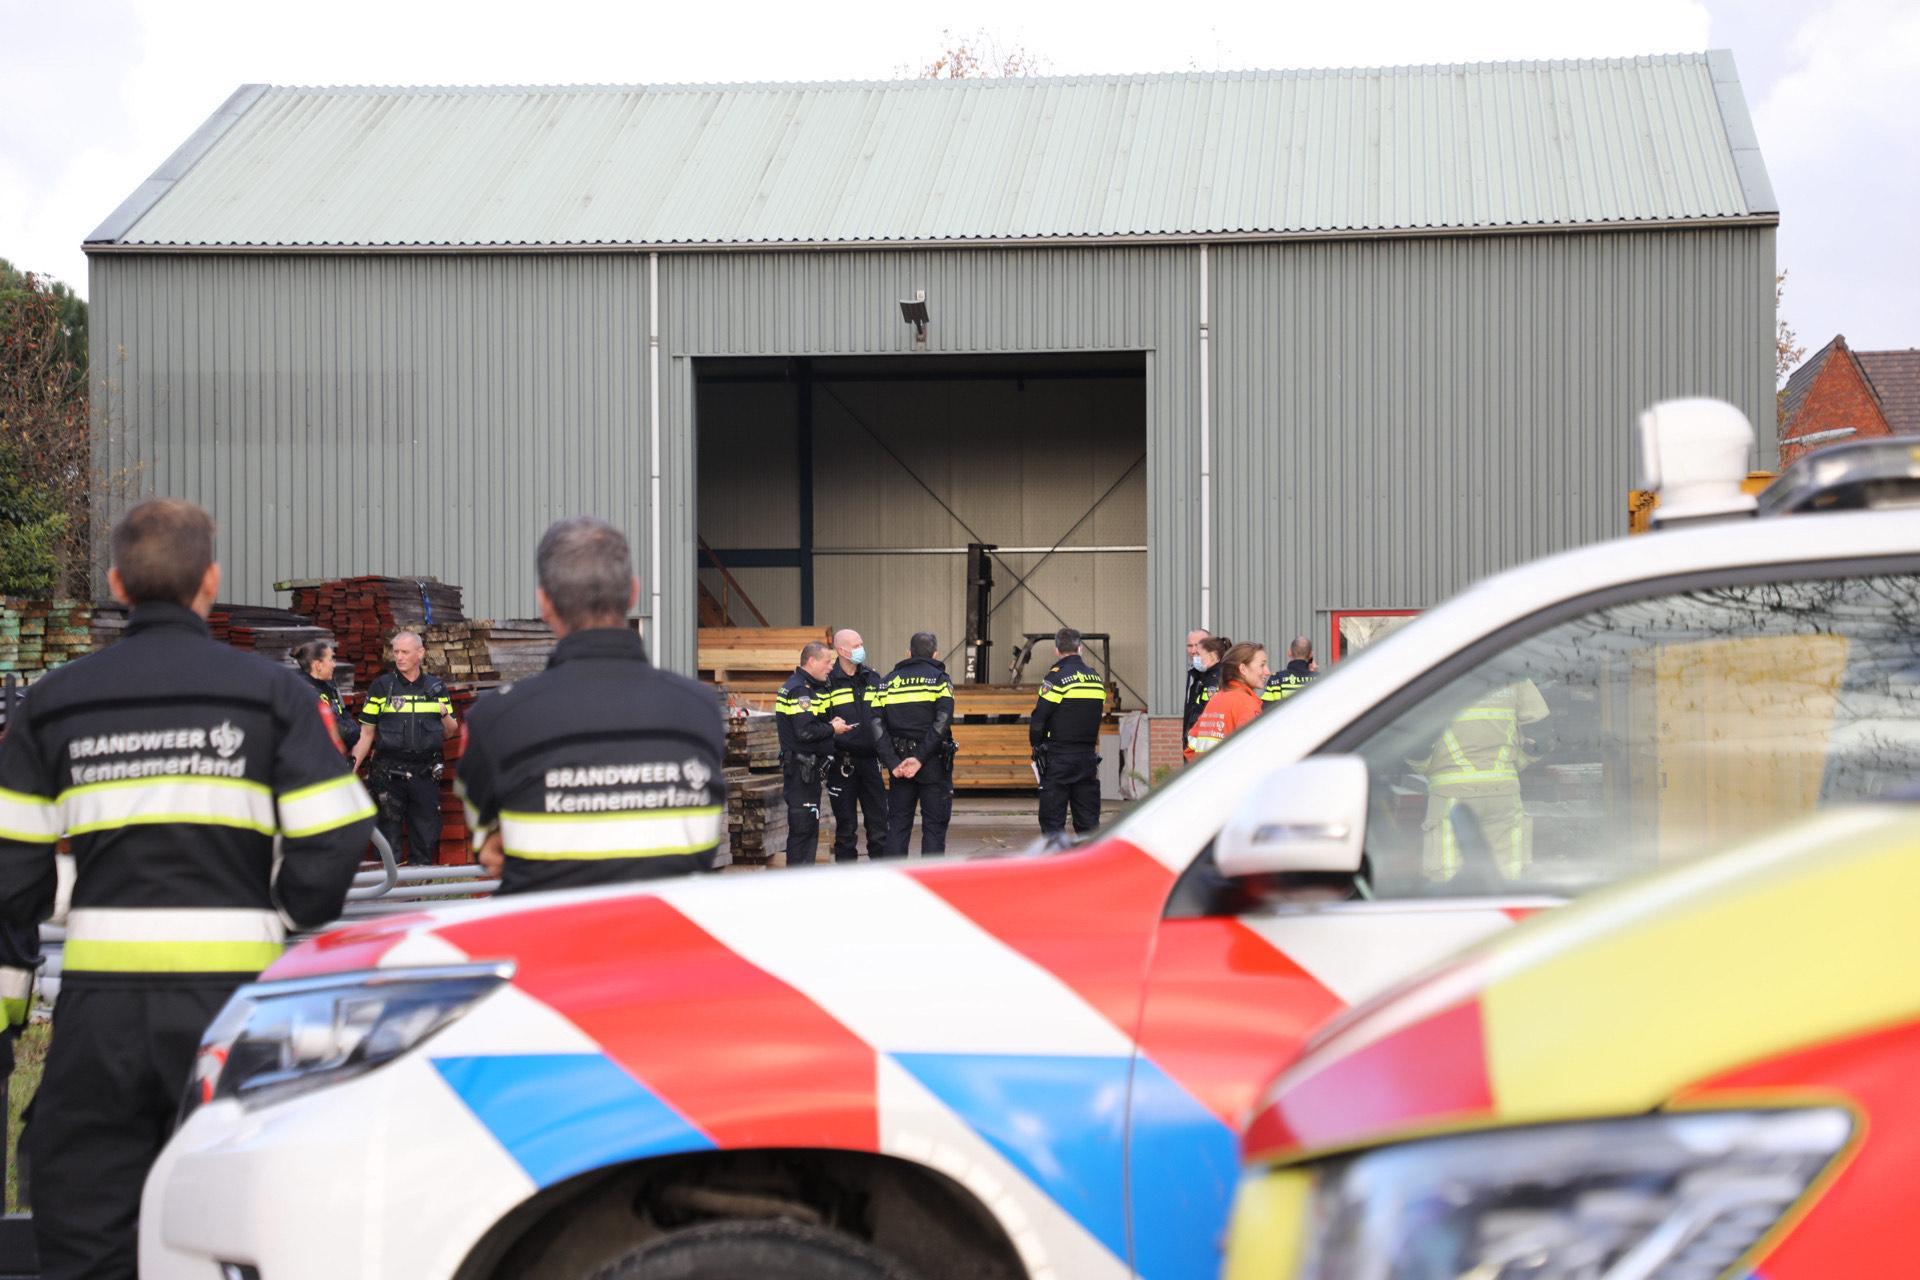 Agente onwel door chemische lucht bij politie-inval in Hoofddorp